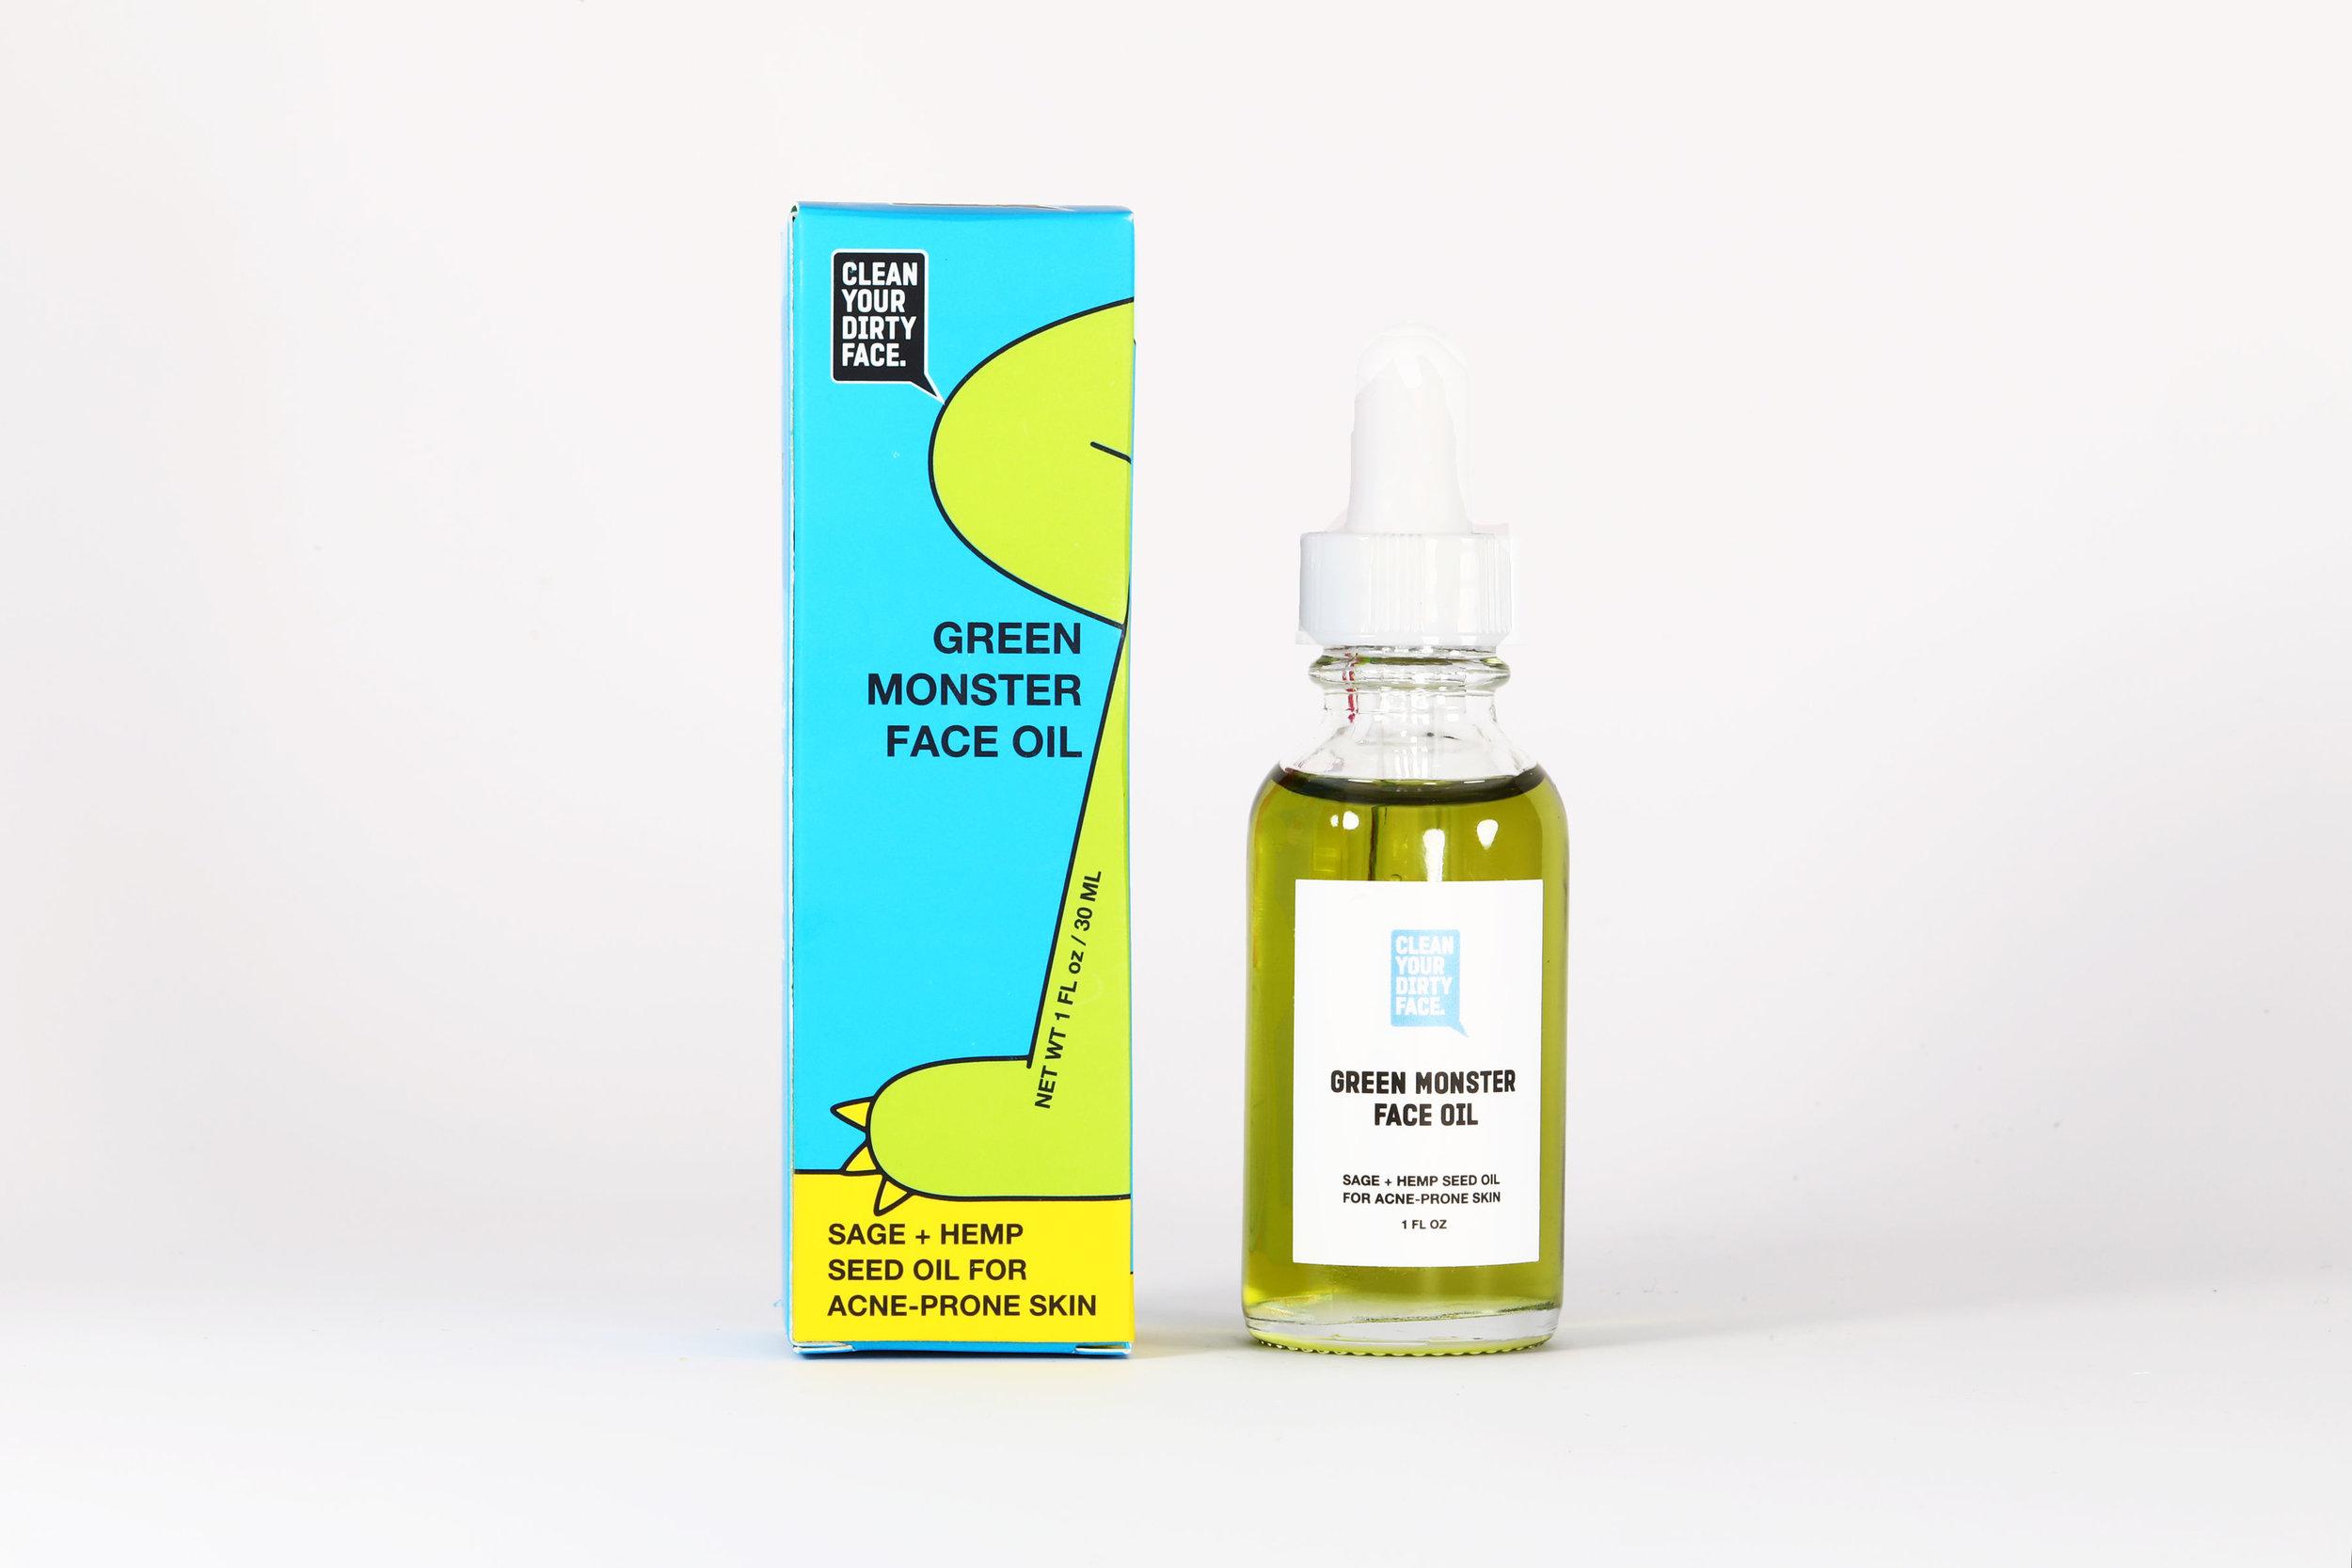 Green Monster Face Oil - $52.00